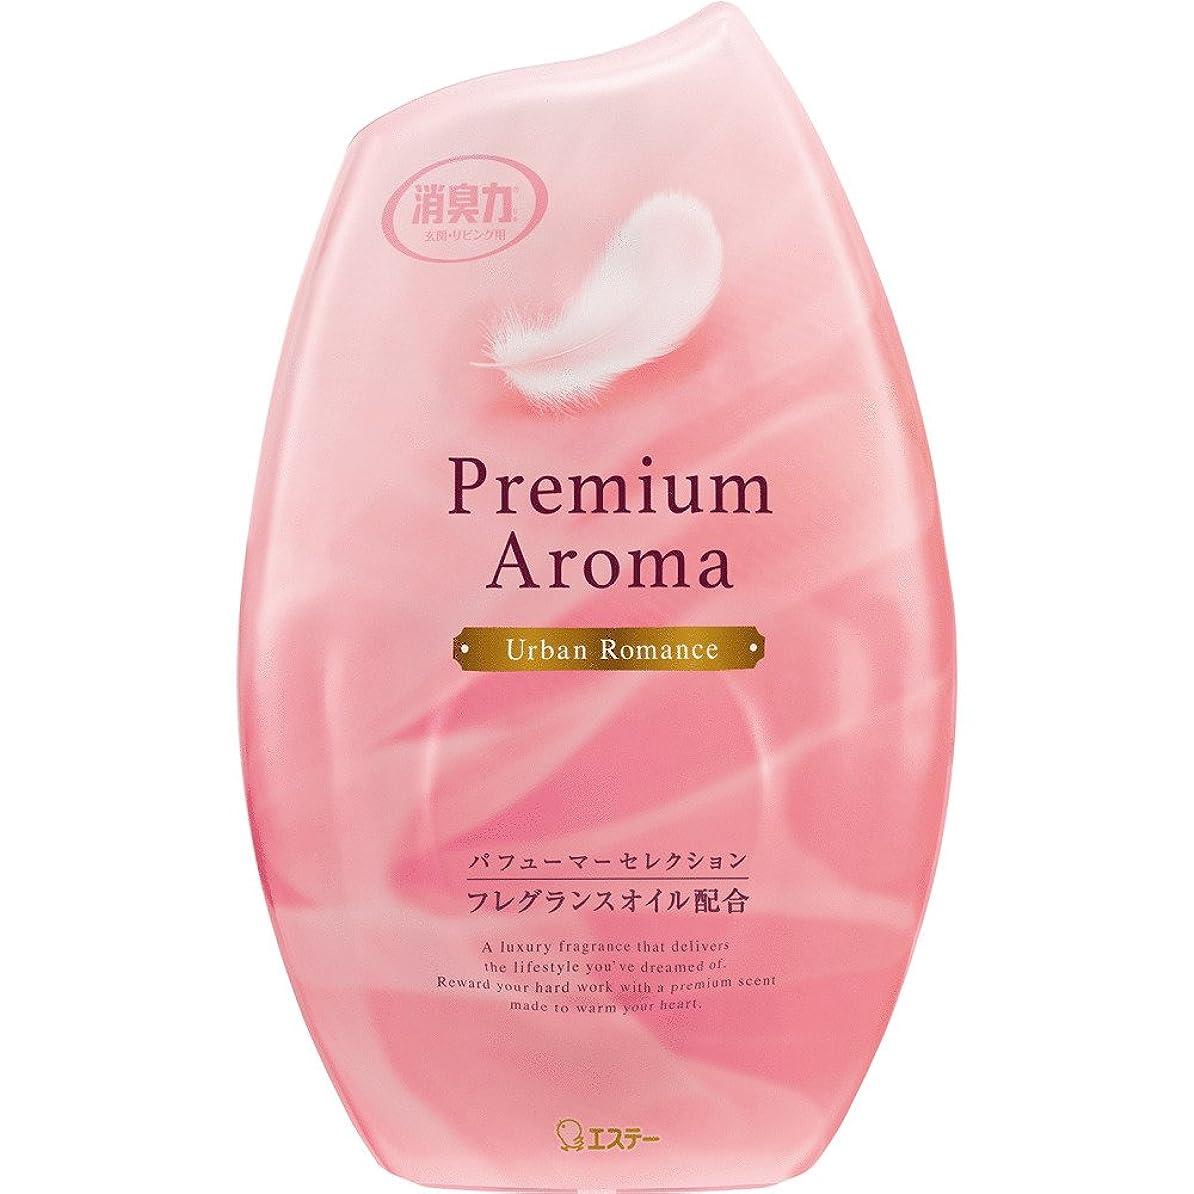 酔った高度なもしお部屋の消臭力 プレミアムアロマ Premium Aroma 消臭芳香剤 部屋用 部屋 アーバンロマンスの香り 400ml